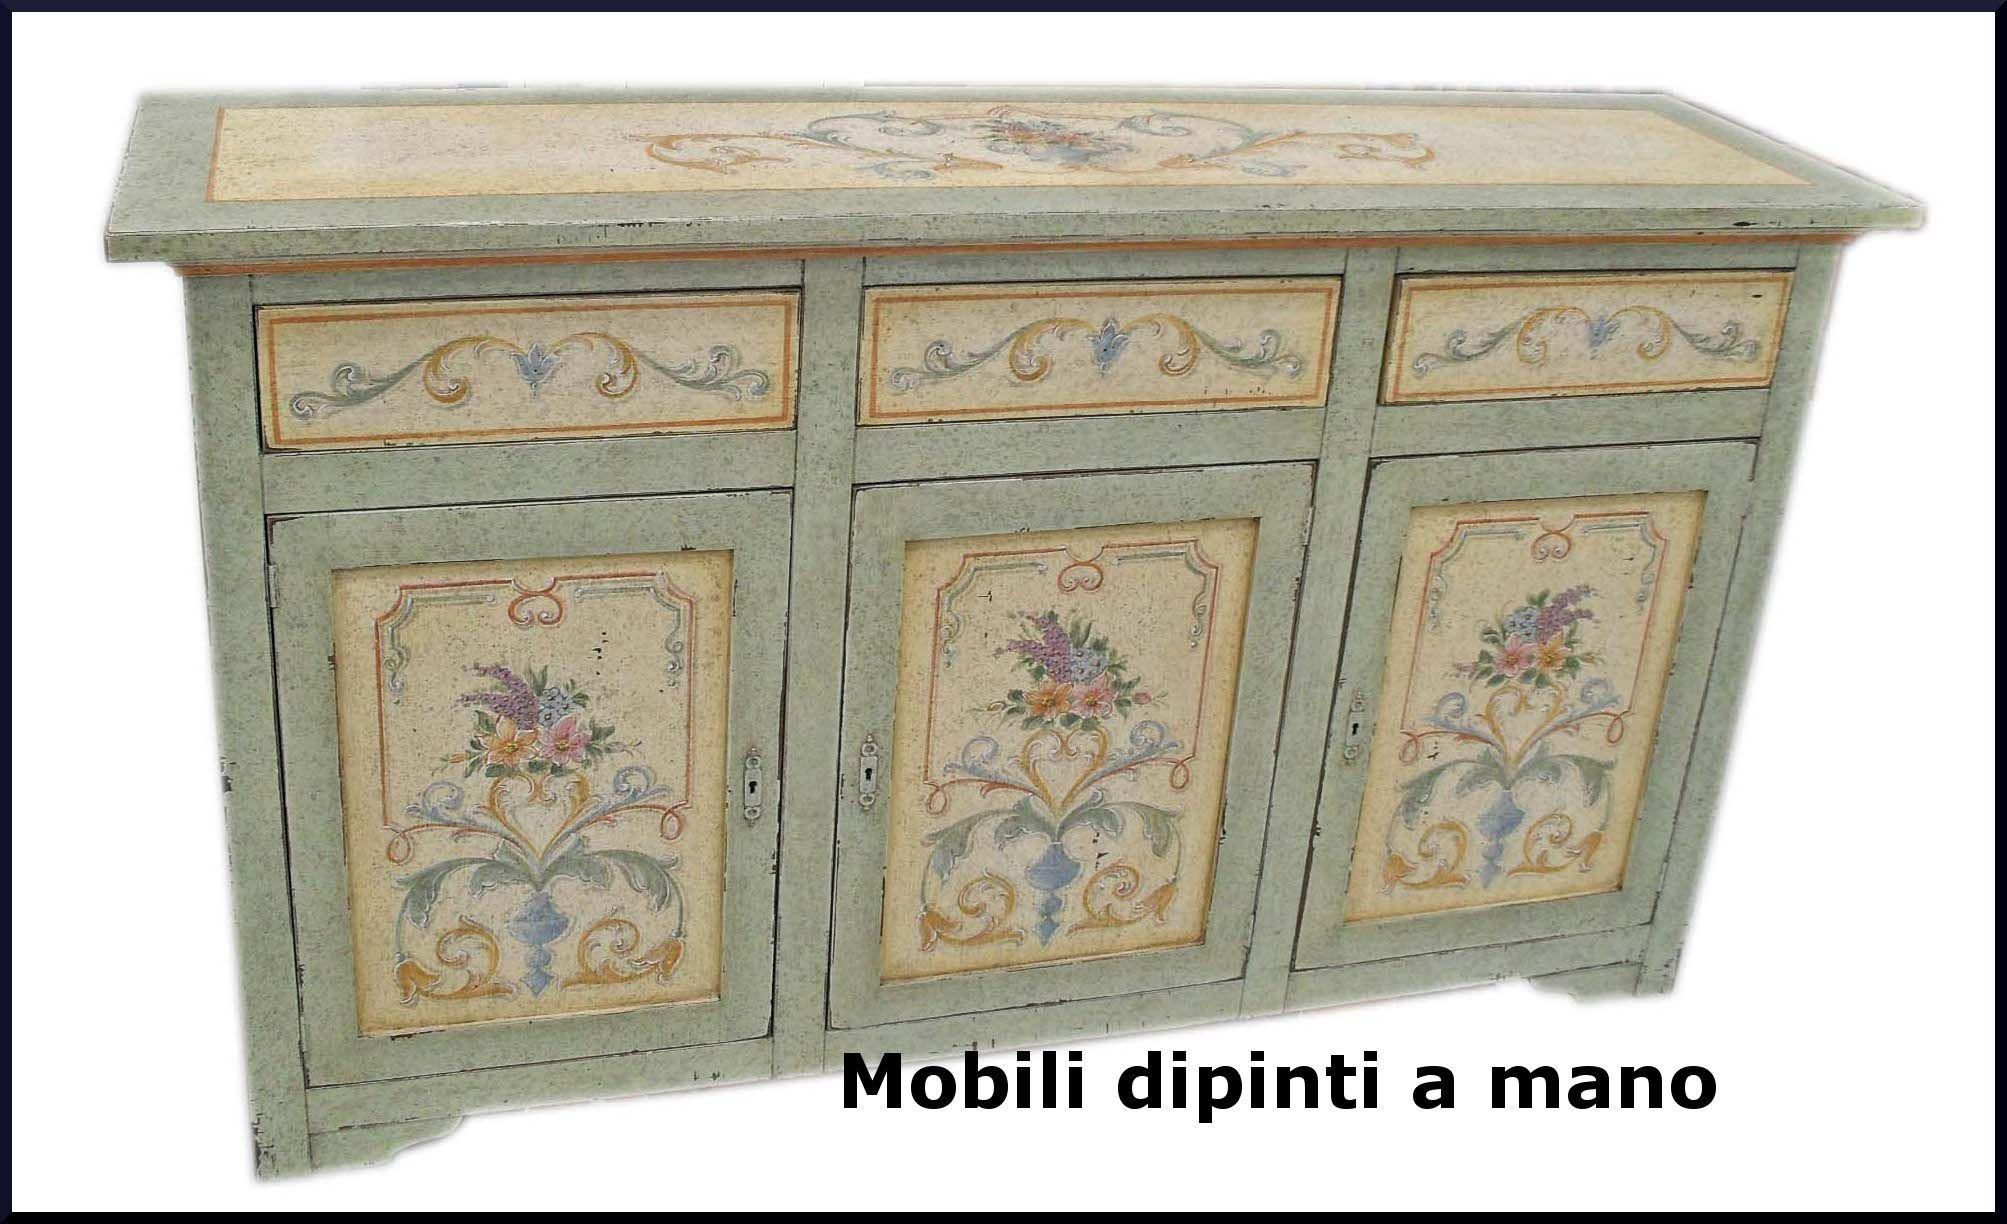 Visualizza altre idee su mobili, arredamento, mobili antichi. Pin Su Mobili Dipinti A Mano